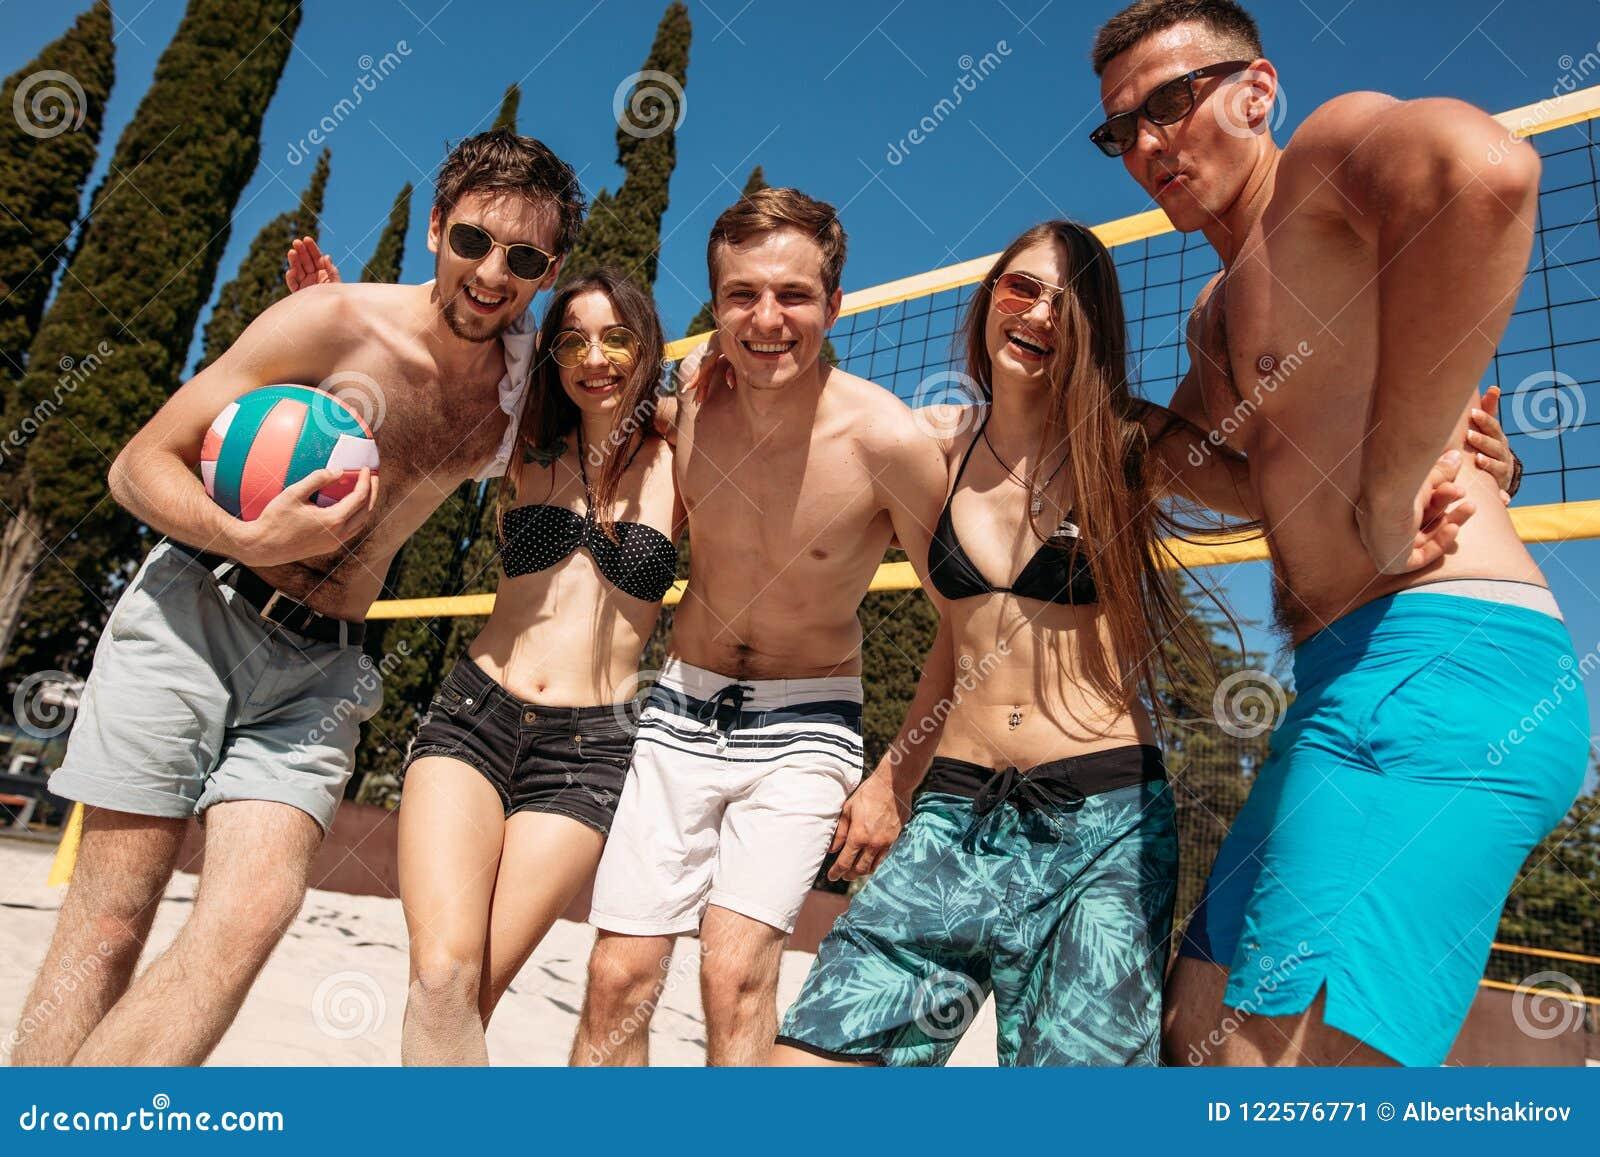 Groep vrienden die strandsalvo spelen - multi-Ethiekgroep die mensen pret op het strand hebben